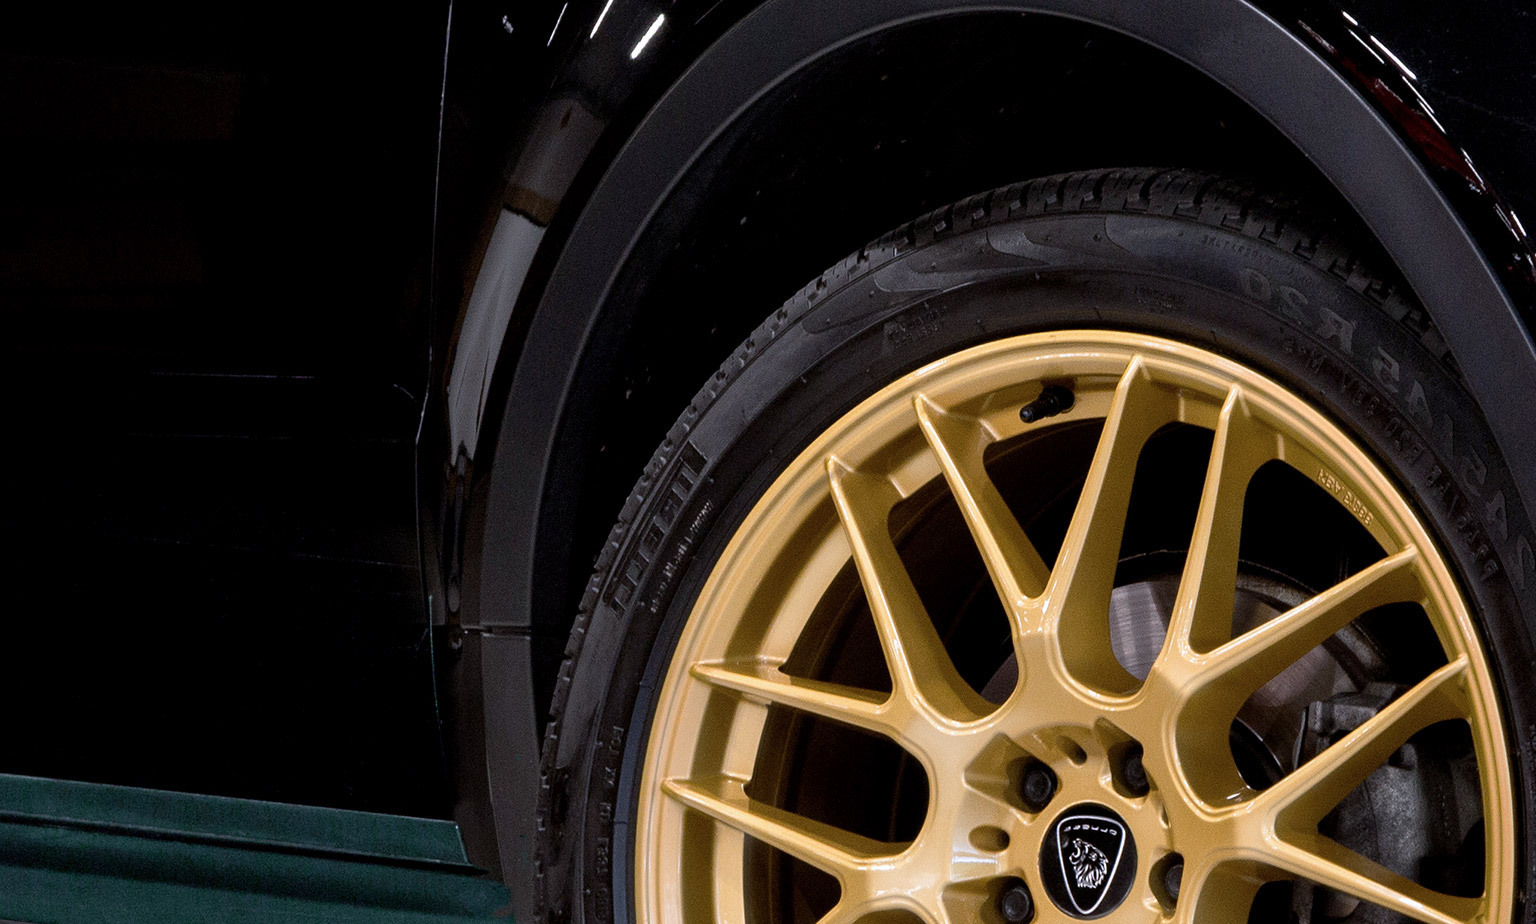 Bis zu 20% auf Reifen von A.T.U ggü. EVP